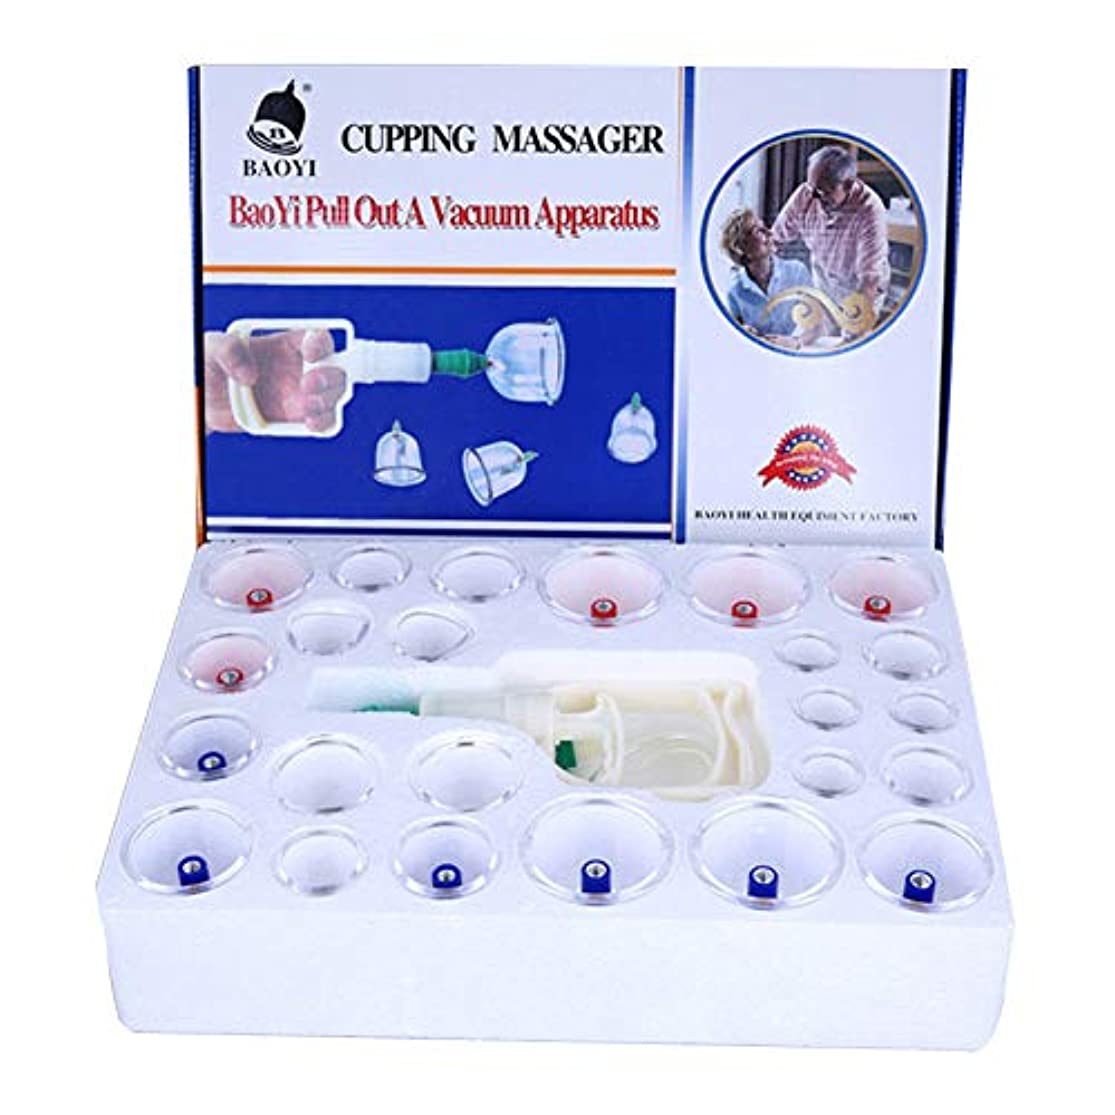 乱すかどうか封建24カップマッサージカッピングセット、真空吸引中国のツボ療法、在宅医療、筋肉関節痛、肩背部膝痛の軽減に最適